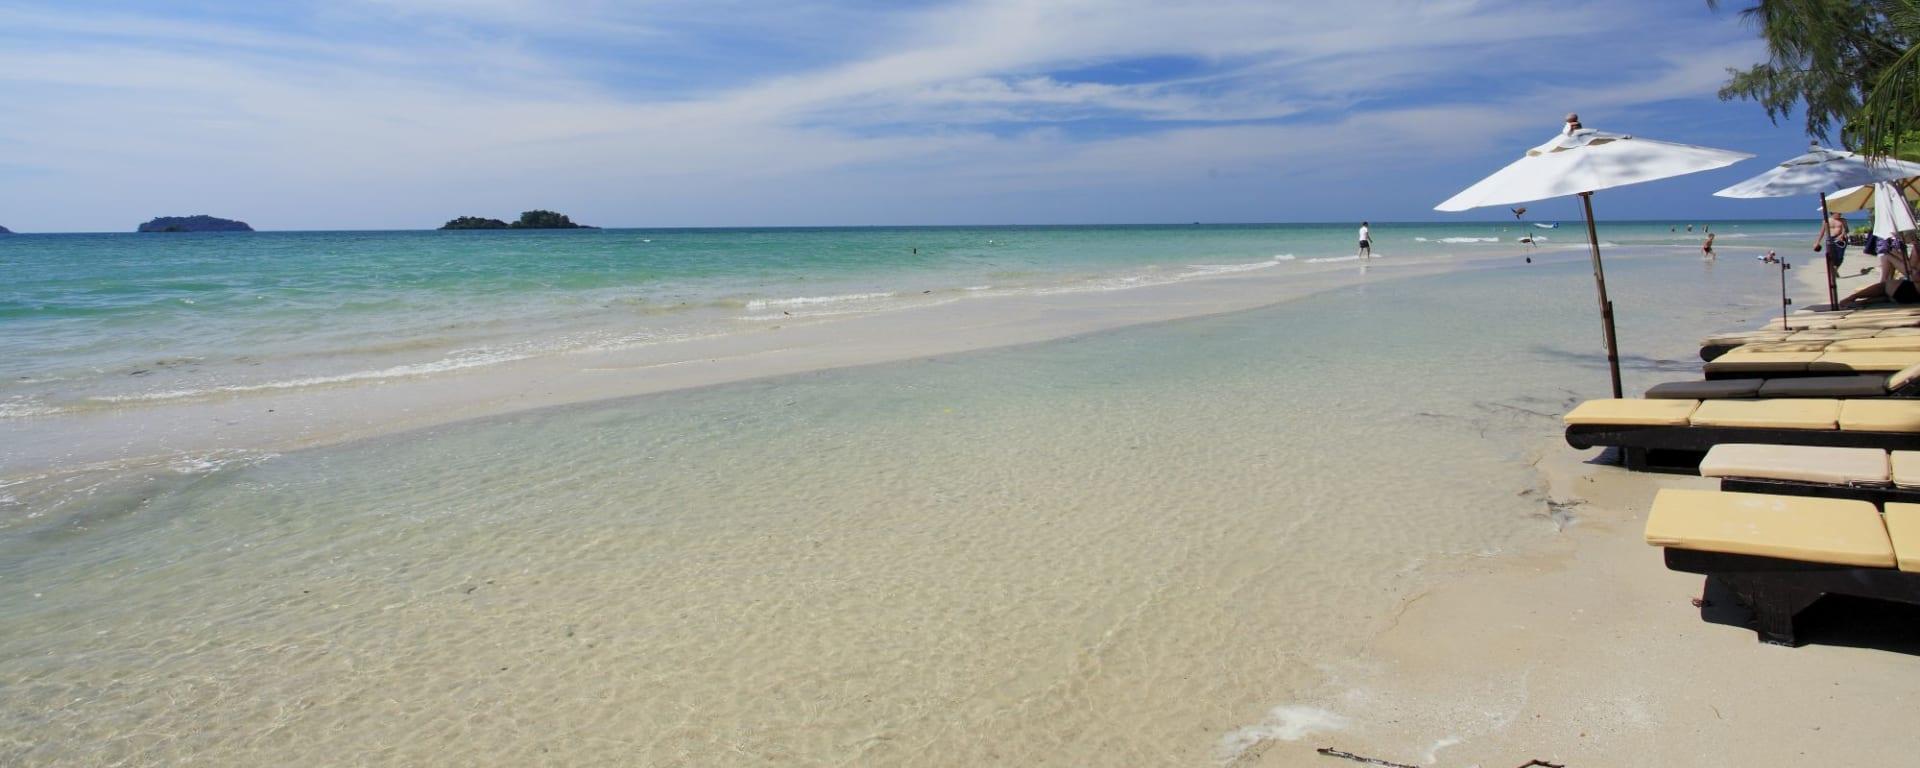 Centara Koh Chang Tropicana in Ko Chang: Beach